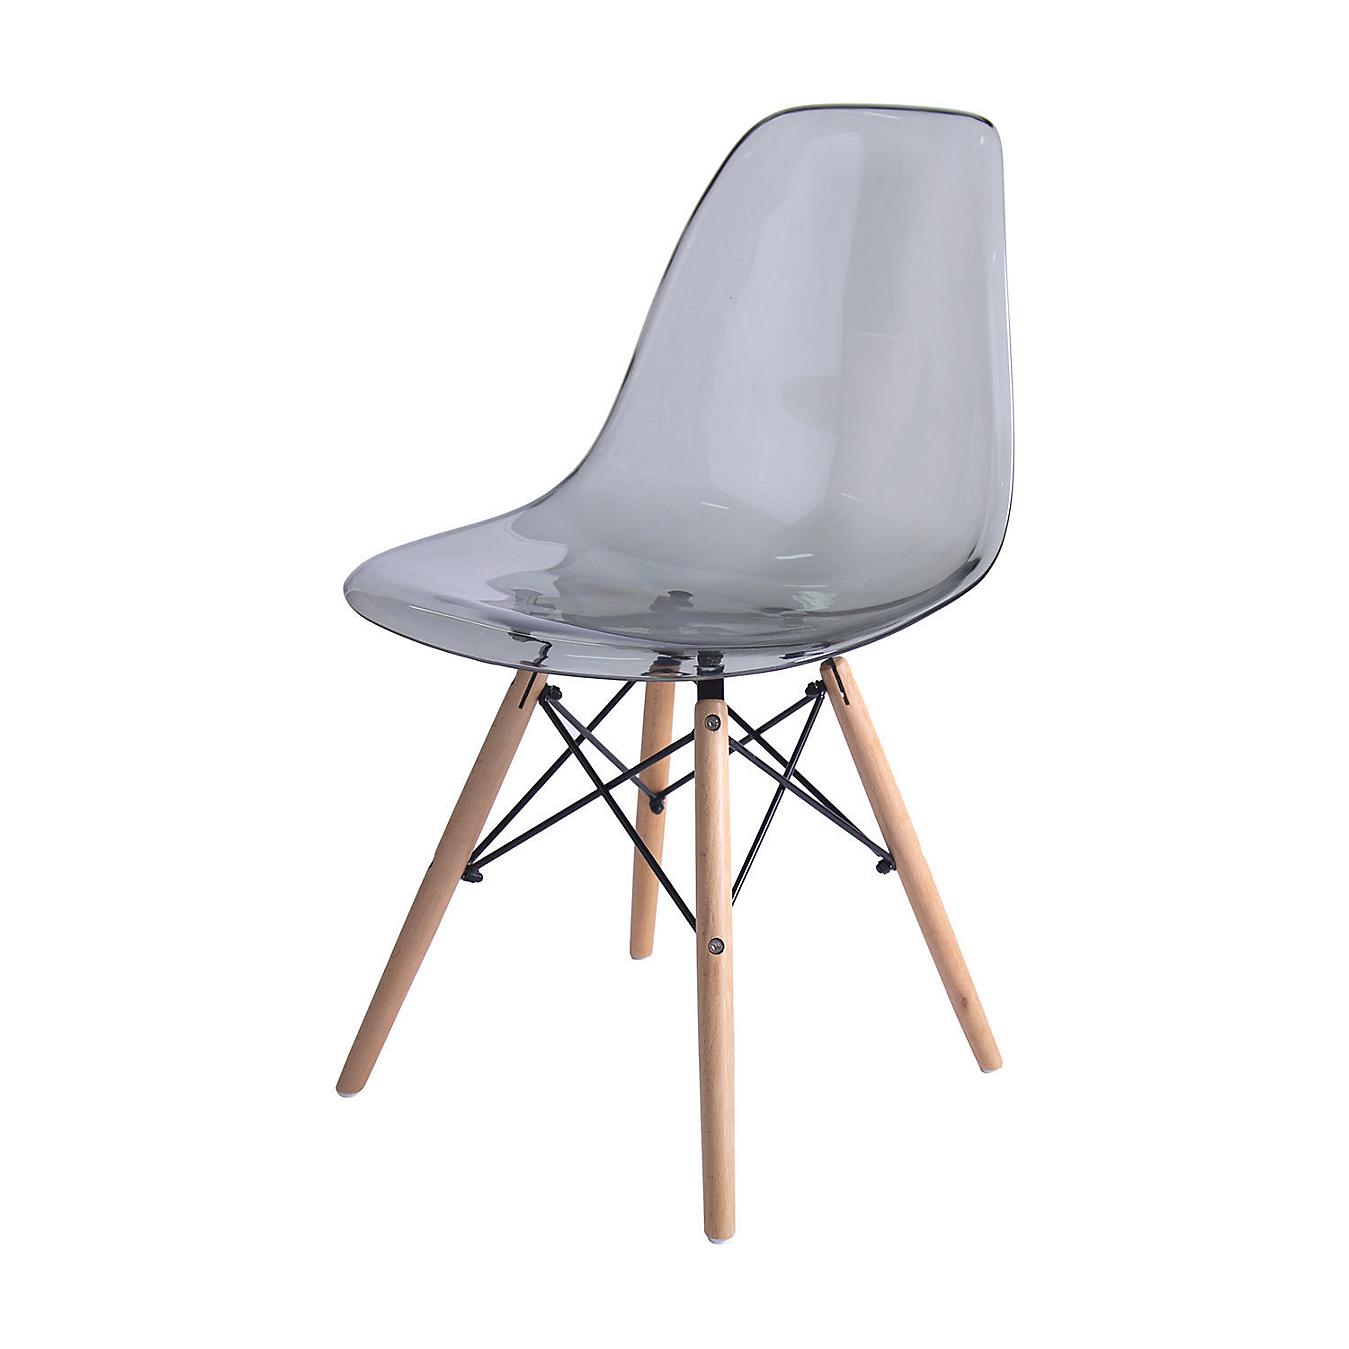 a92547288 Silla Eames transparente gris - Sodimac.com